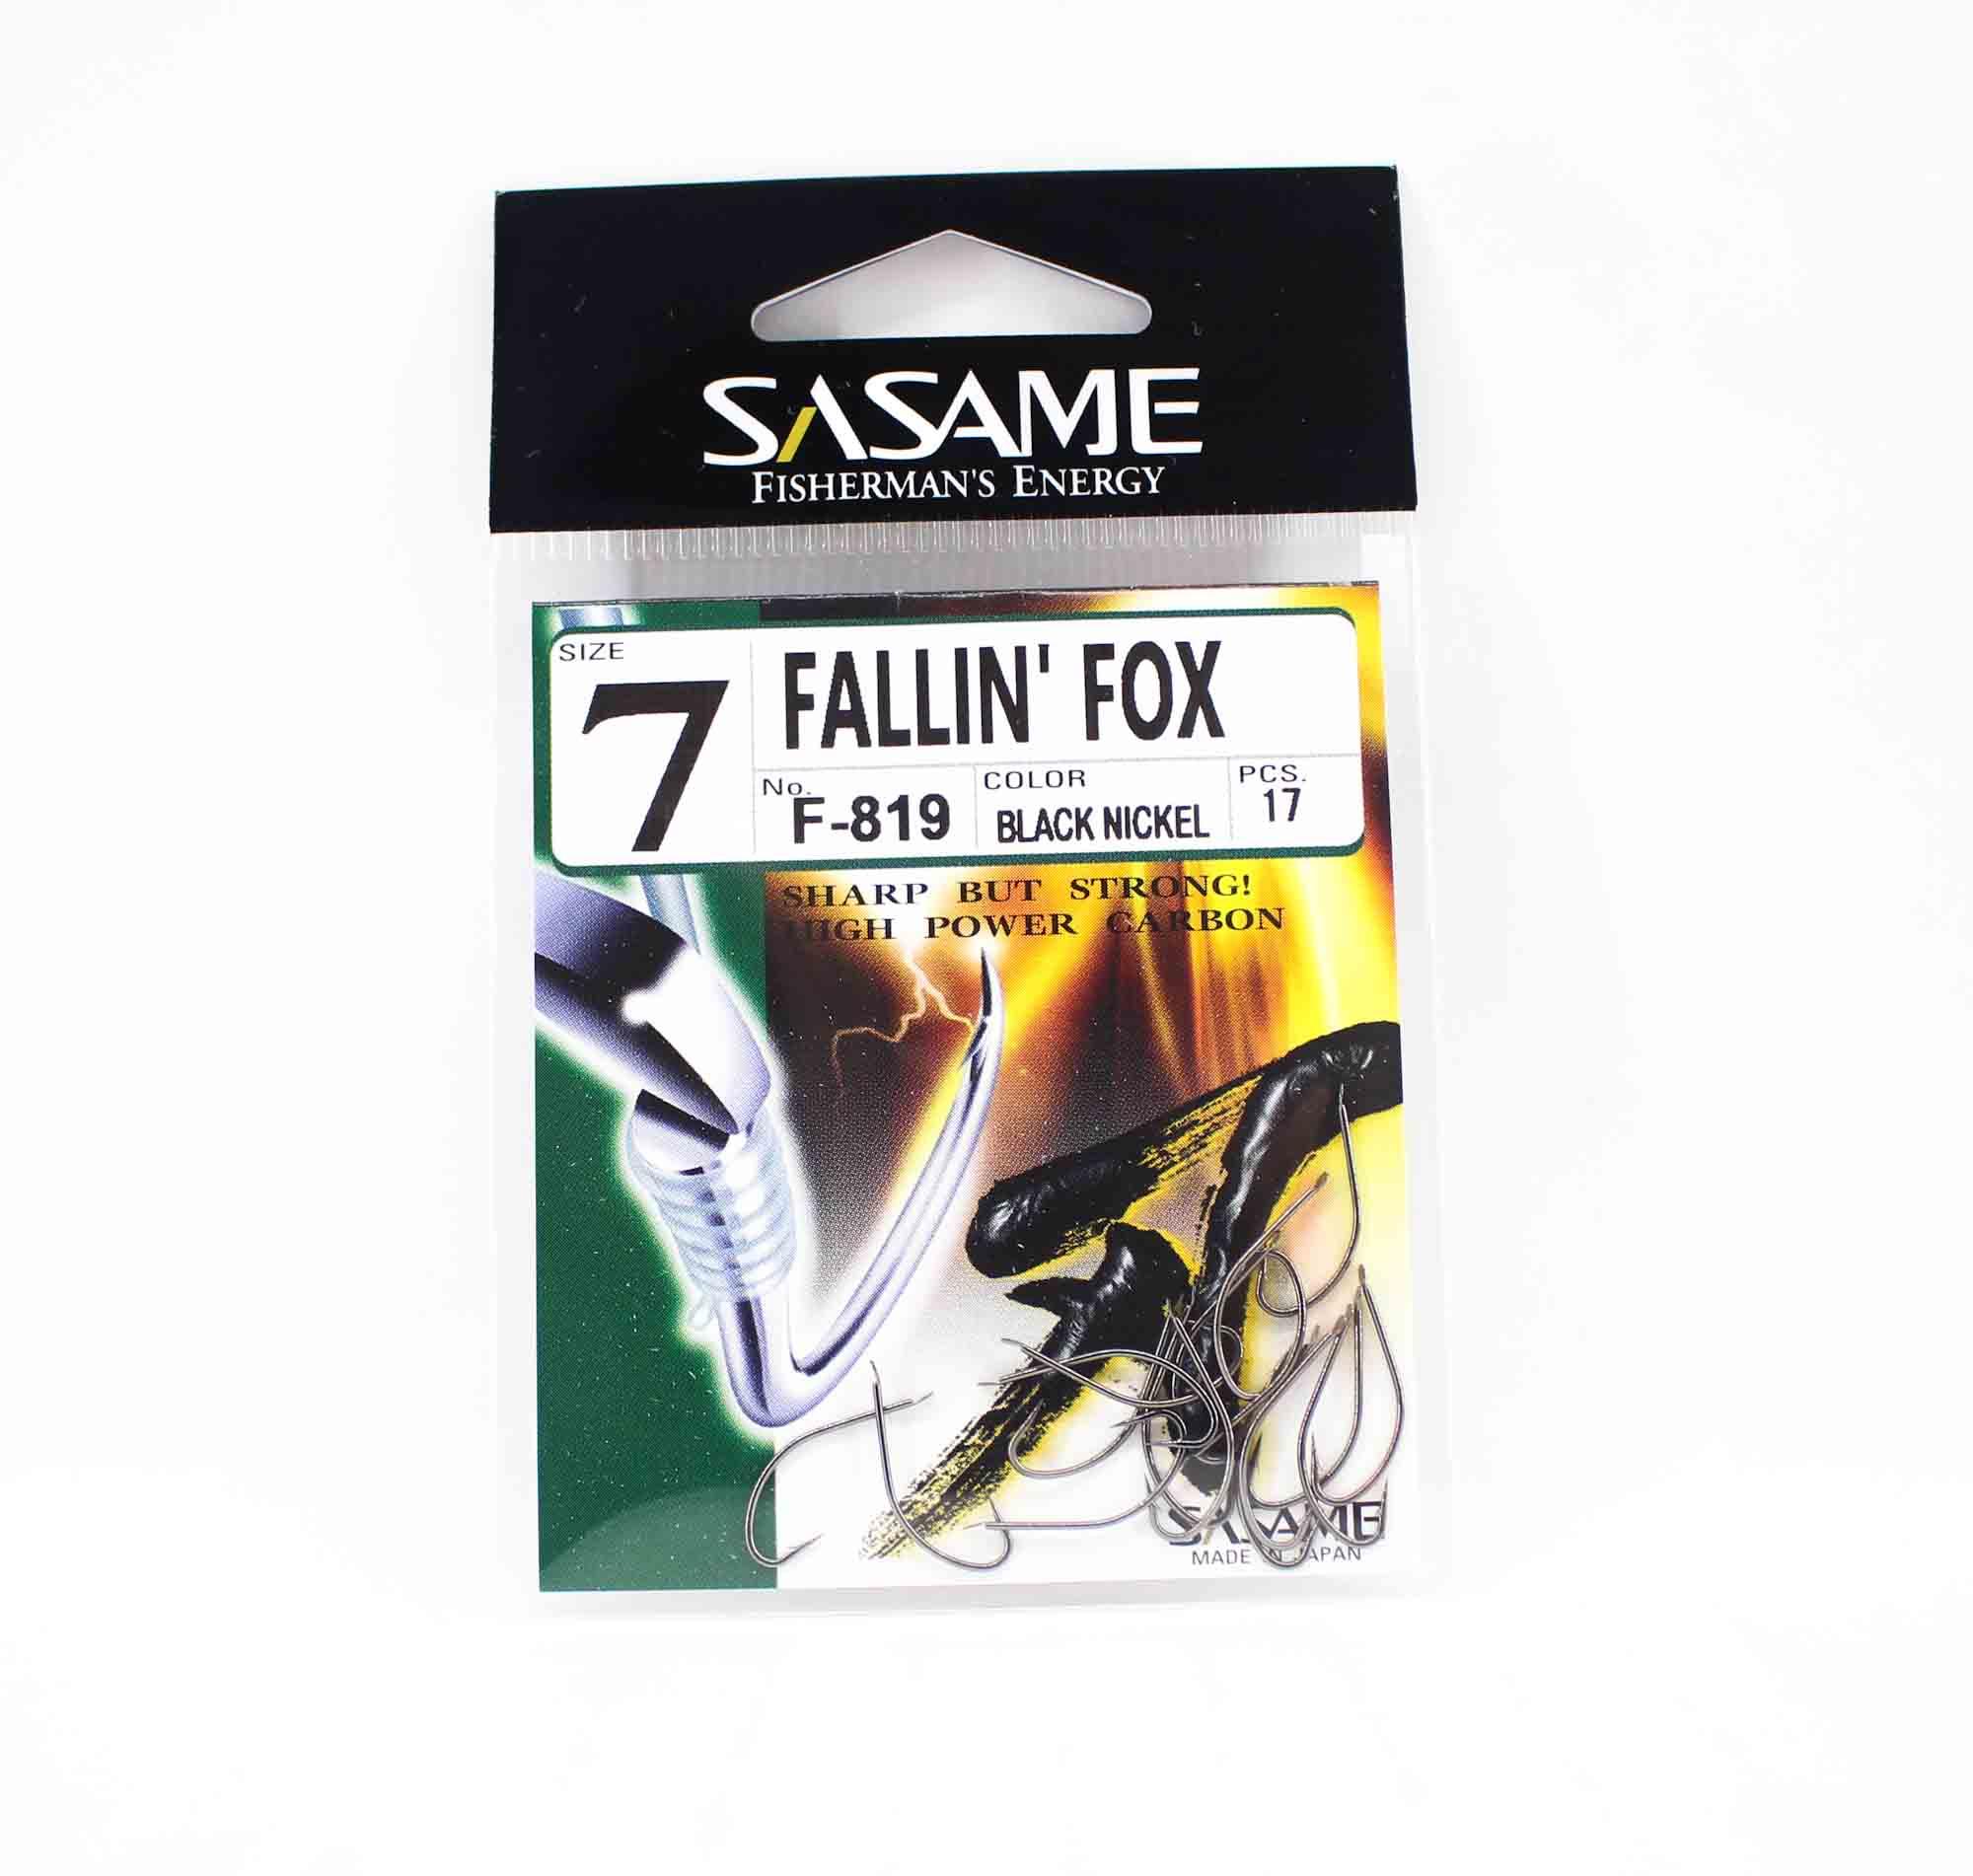 Sasame F-819 Falling Fox Bait Hook Size 7 (5872)